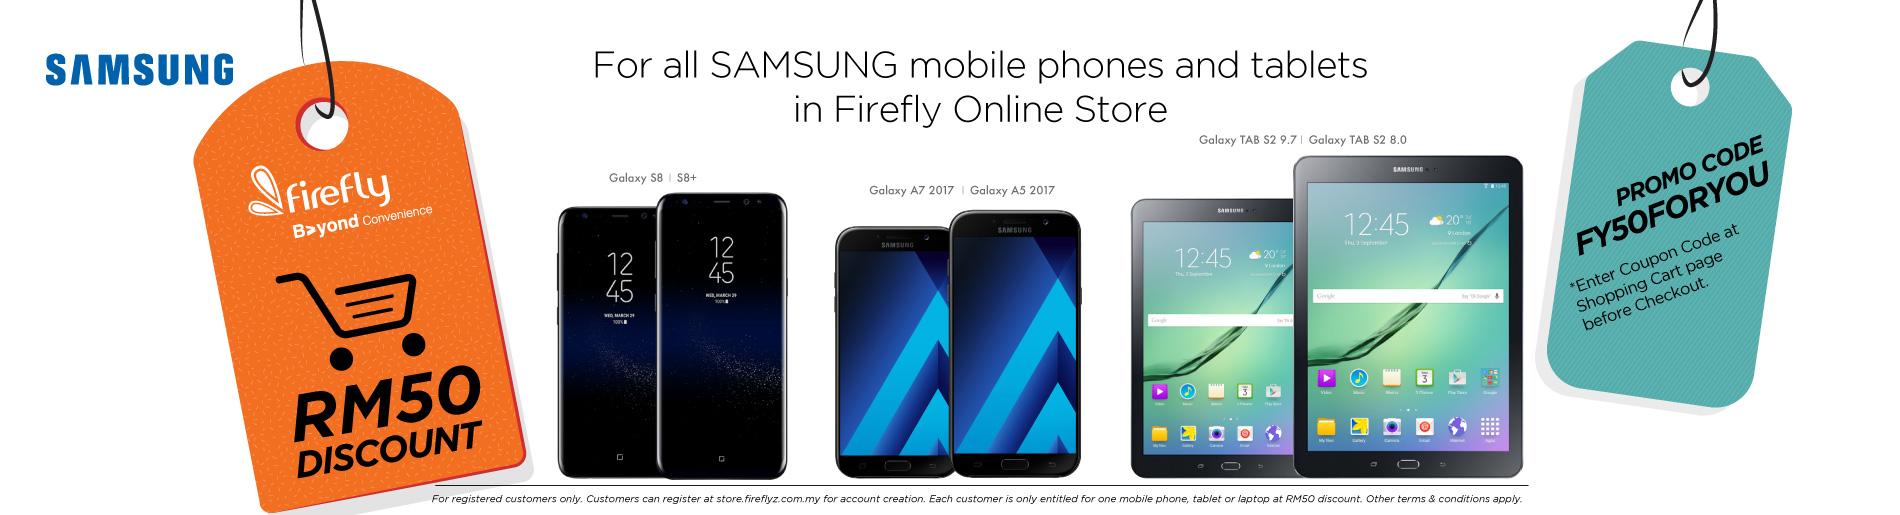 RM50 Samsung